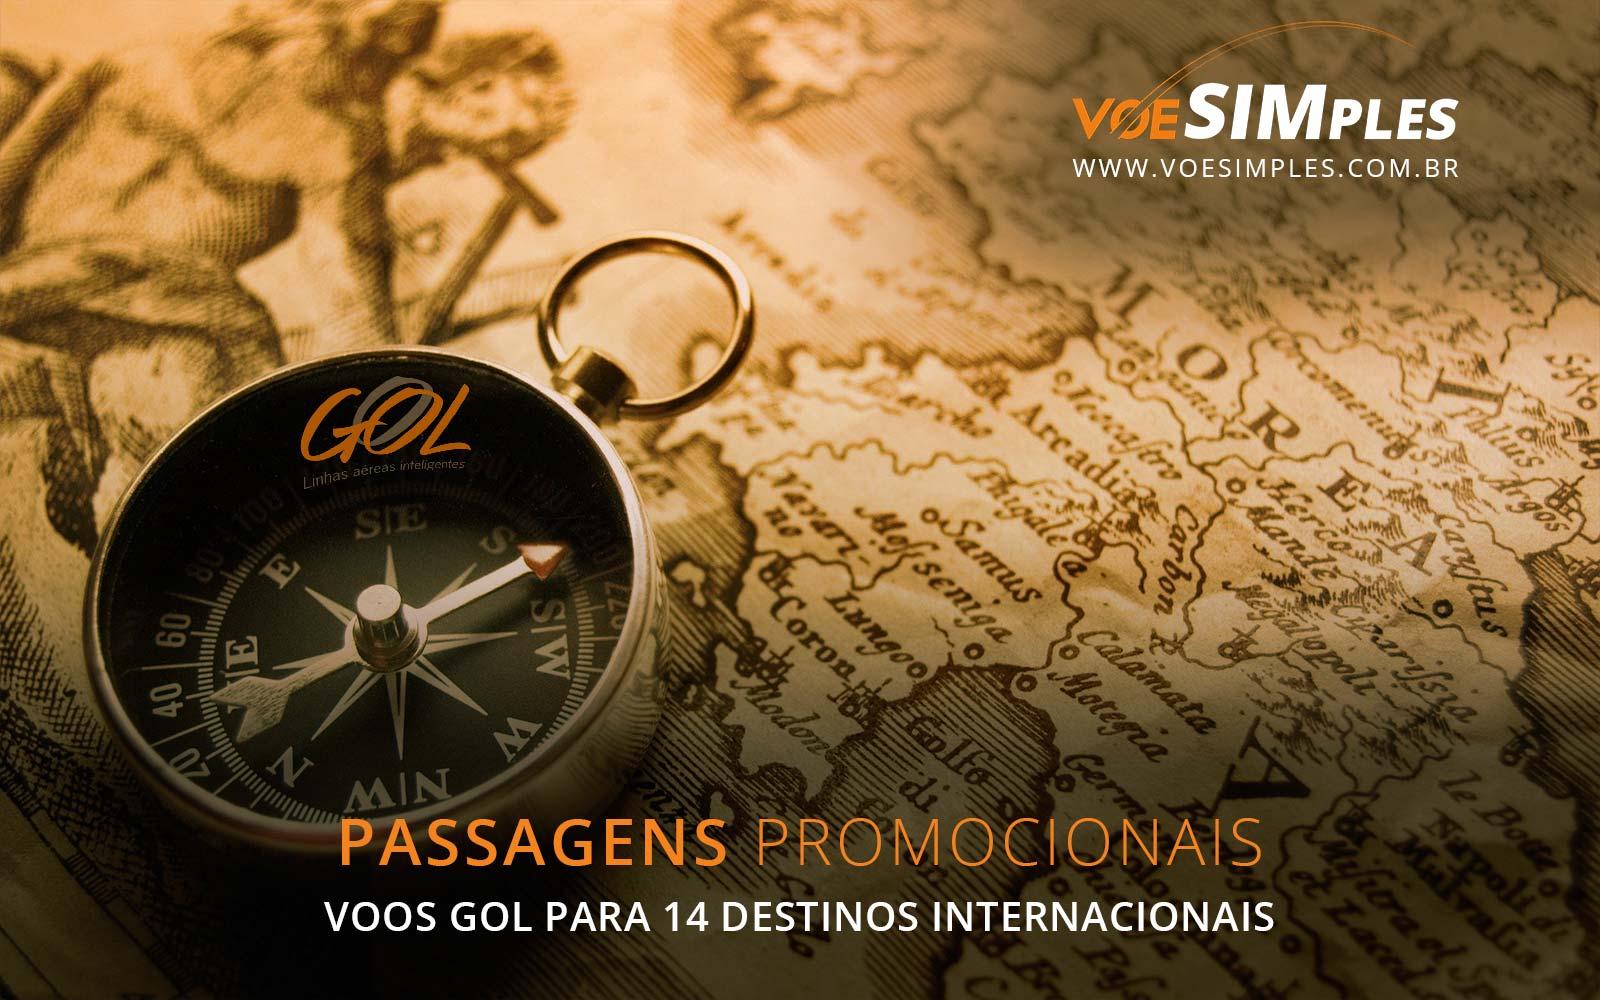 Promoção de passagens internacionais Gol